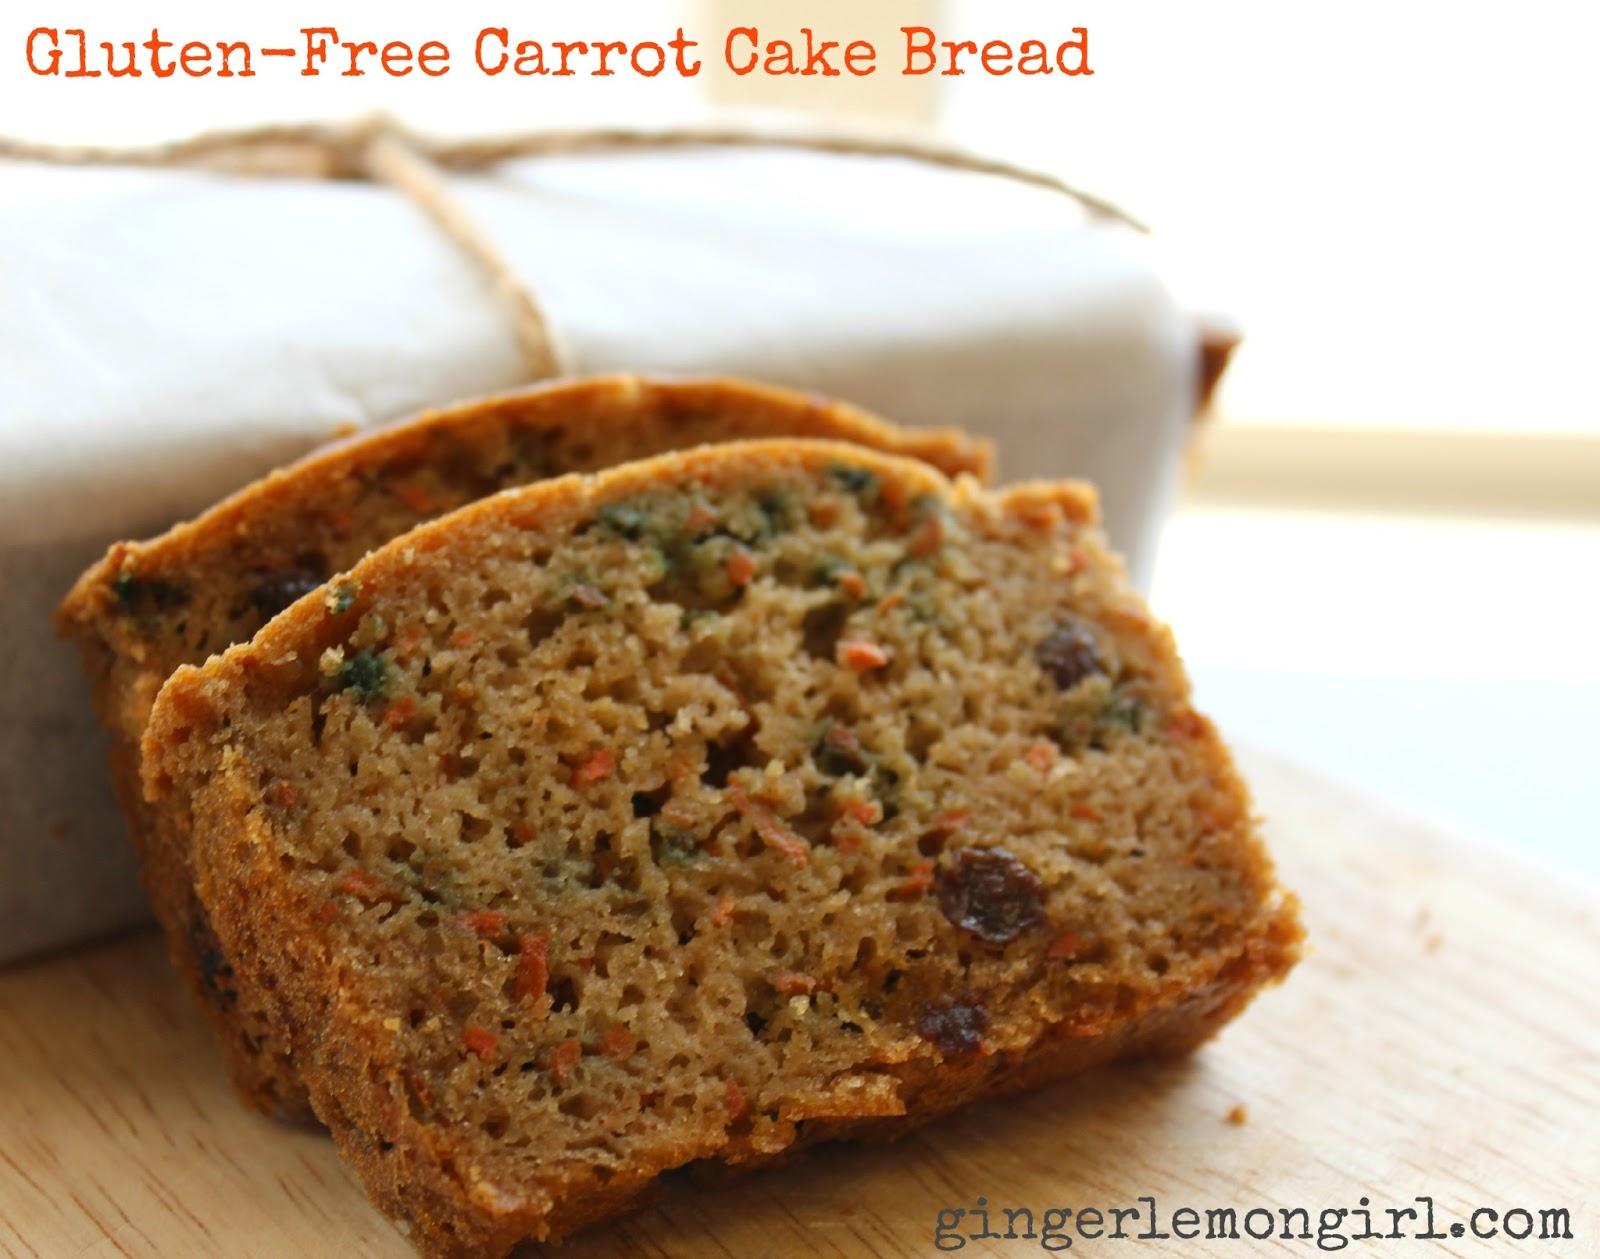 ... - Gingerlemongirl.com: Gluten-Free (Paleo-ish) Carrot Cake Bread